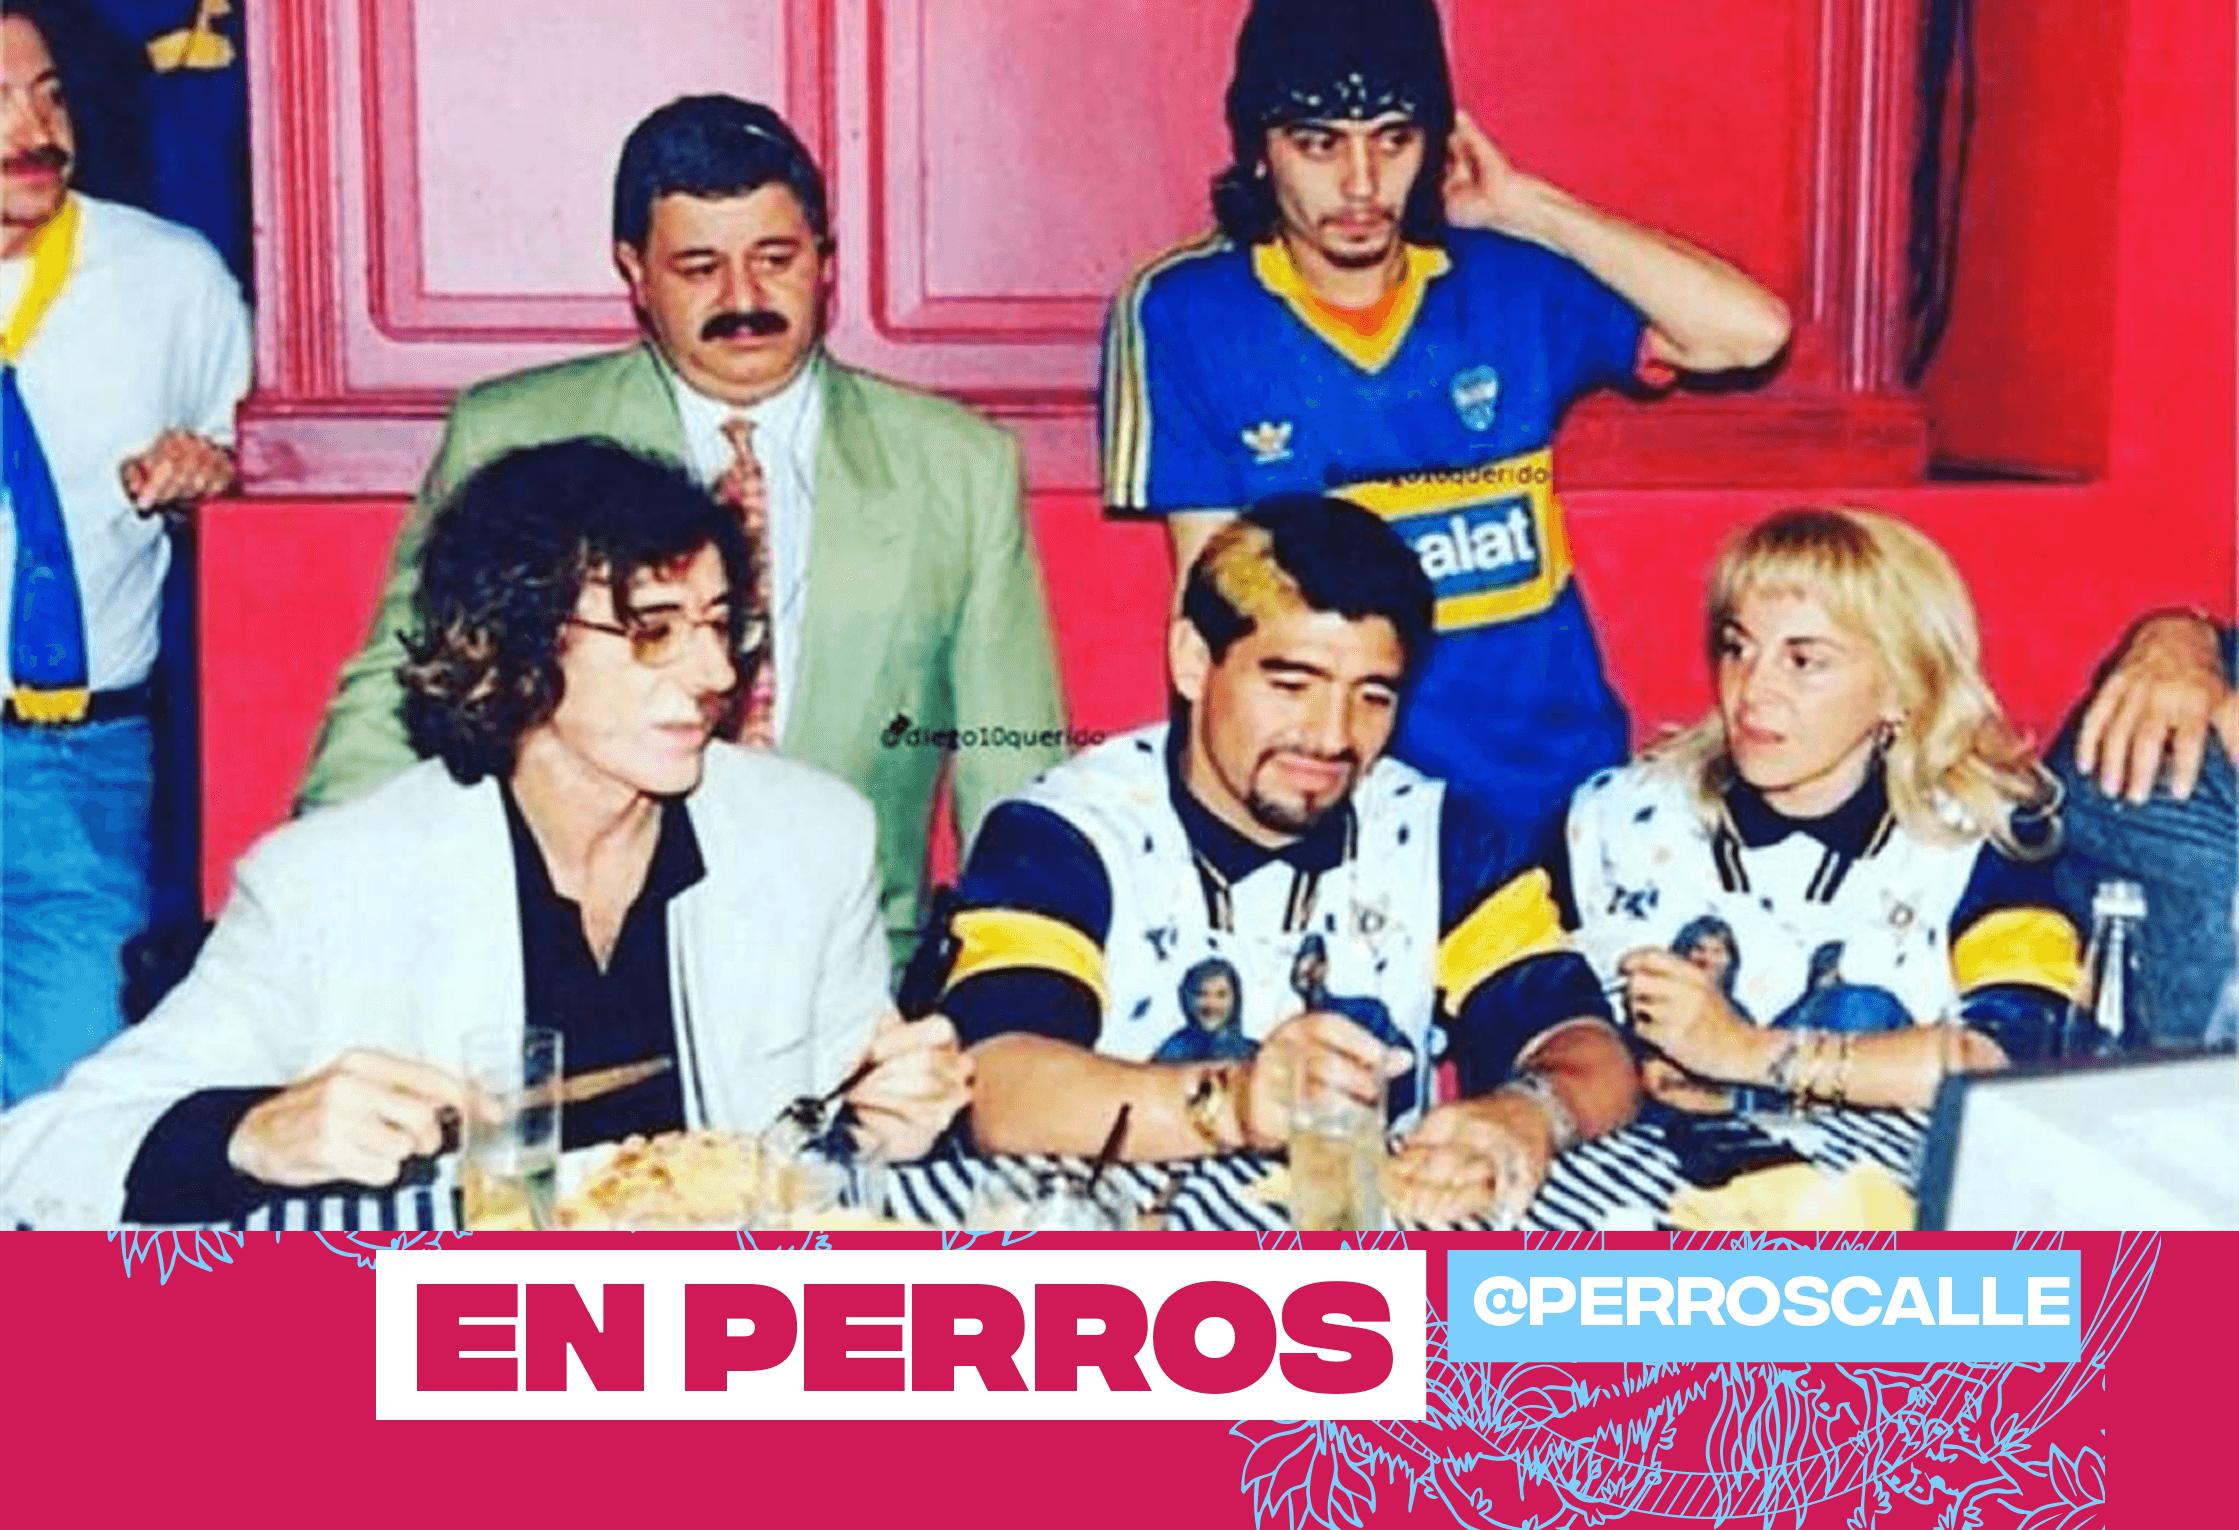 Tremenda historia de Maradona, Tití, Charly y un montón de gigantes